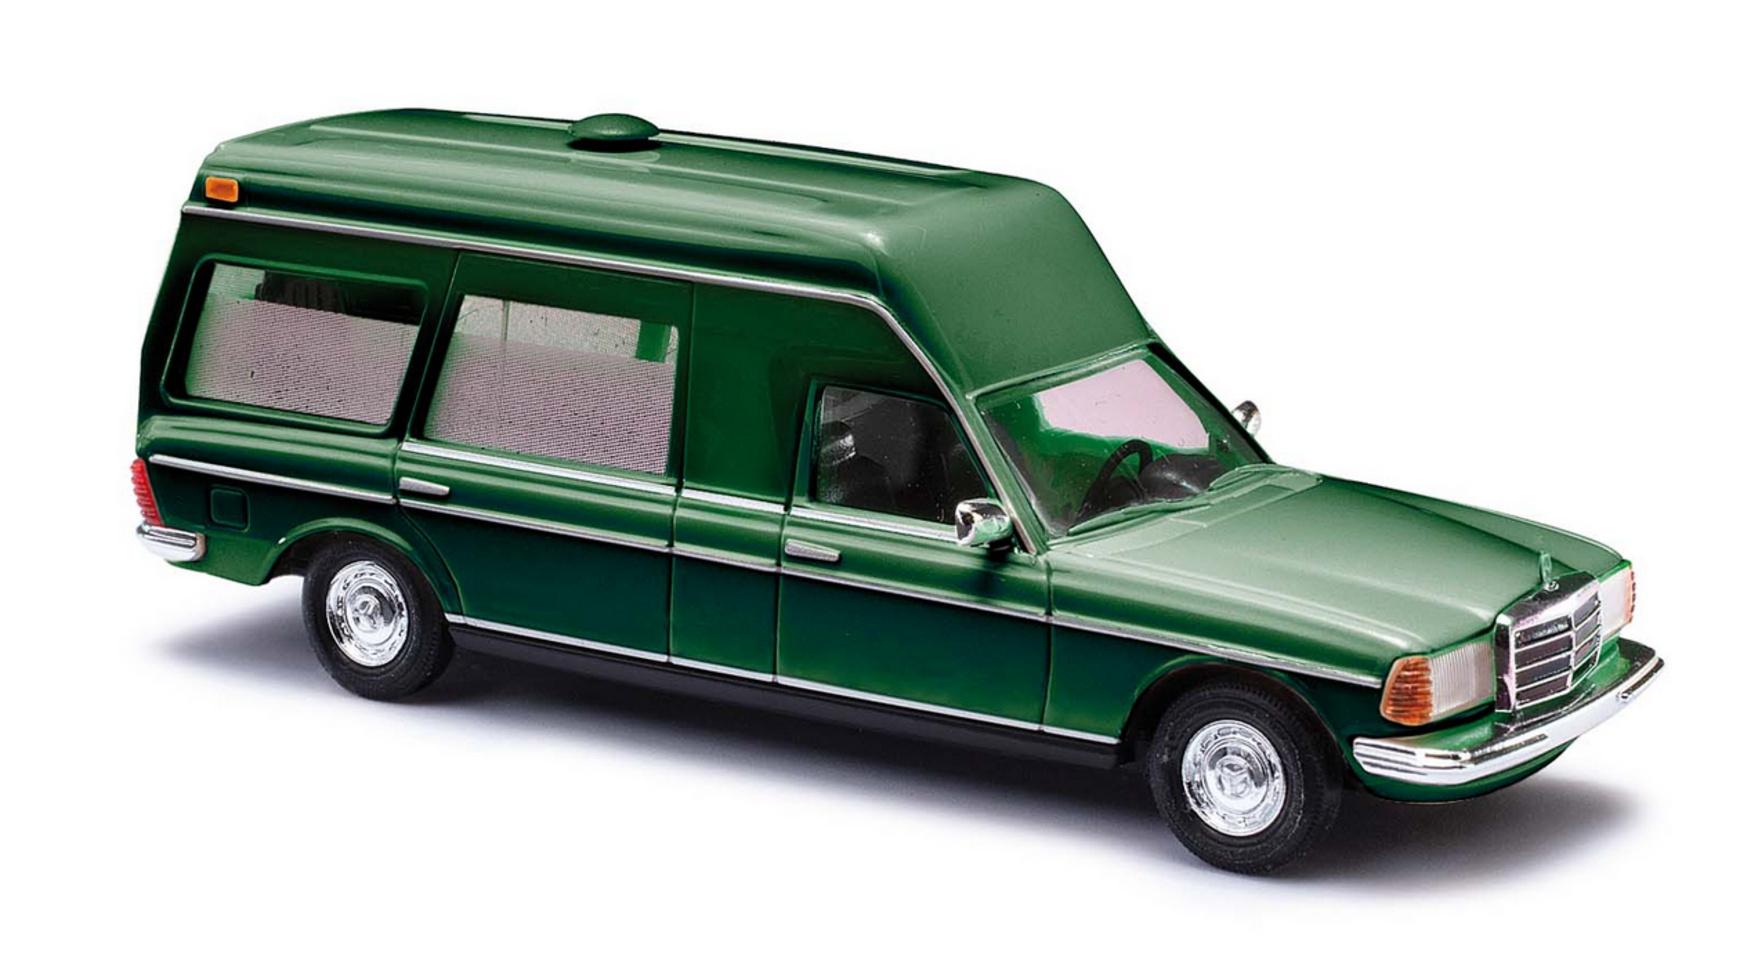 [Müller online](Filiallieferung) Busch Modellfahrzeuge 52202 MB VF 123 und 51121 MB Vito Hermes für je 7€